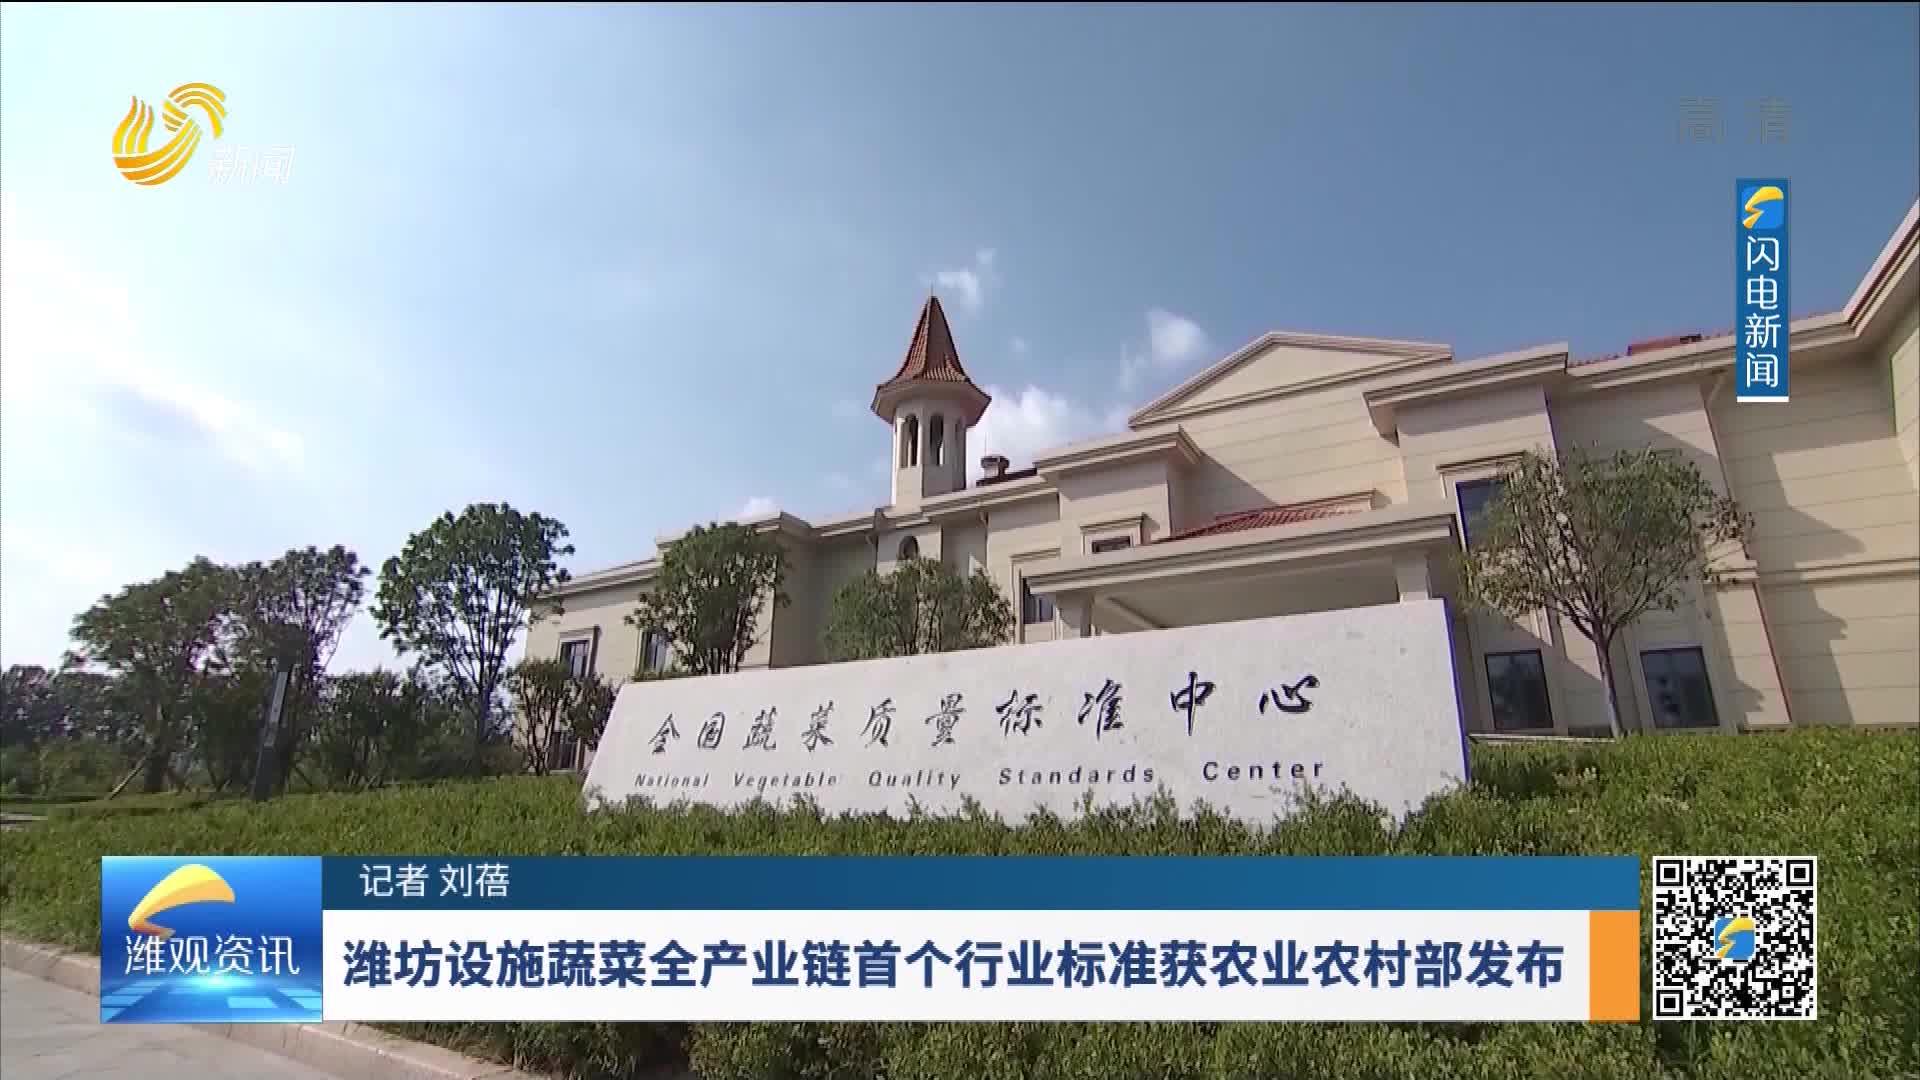 潍坊设施蔬菜全产业链首个行业标准获农业农村部发布